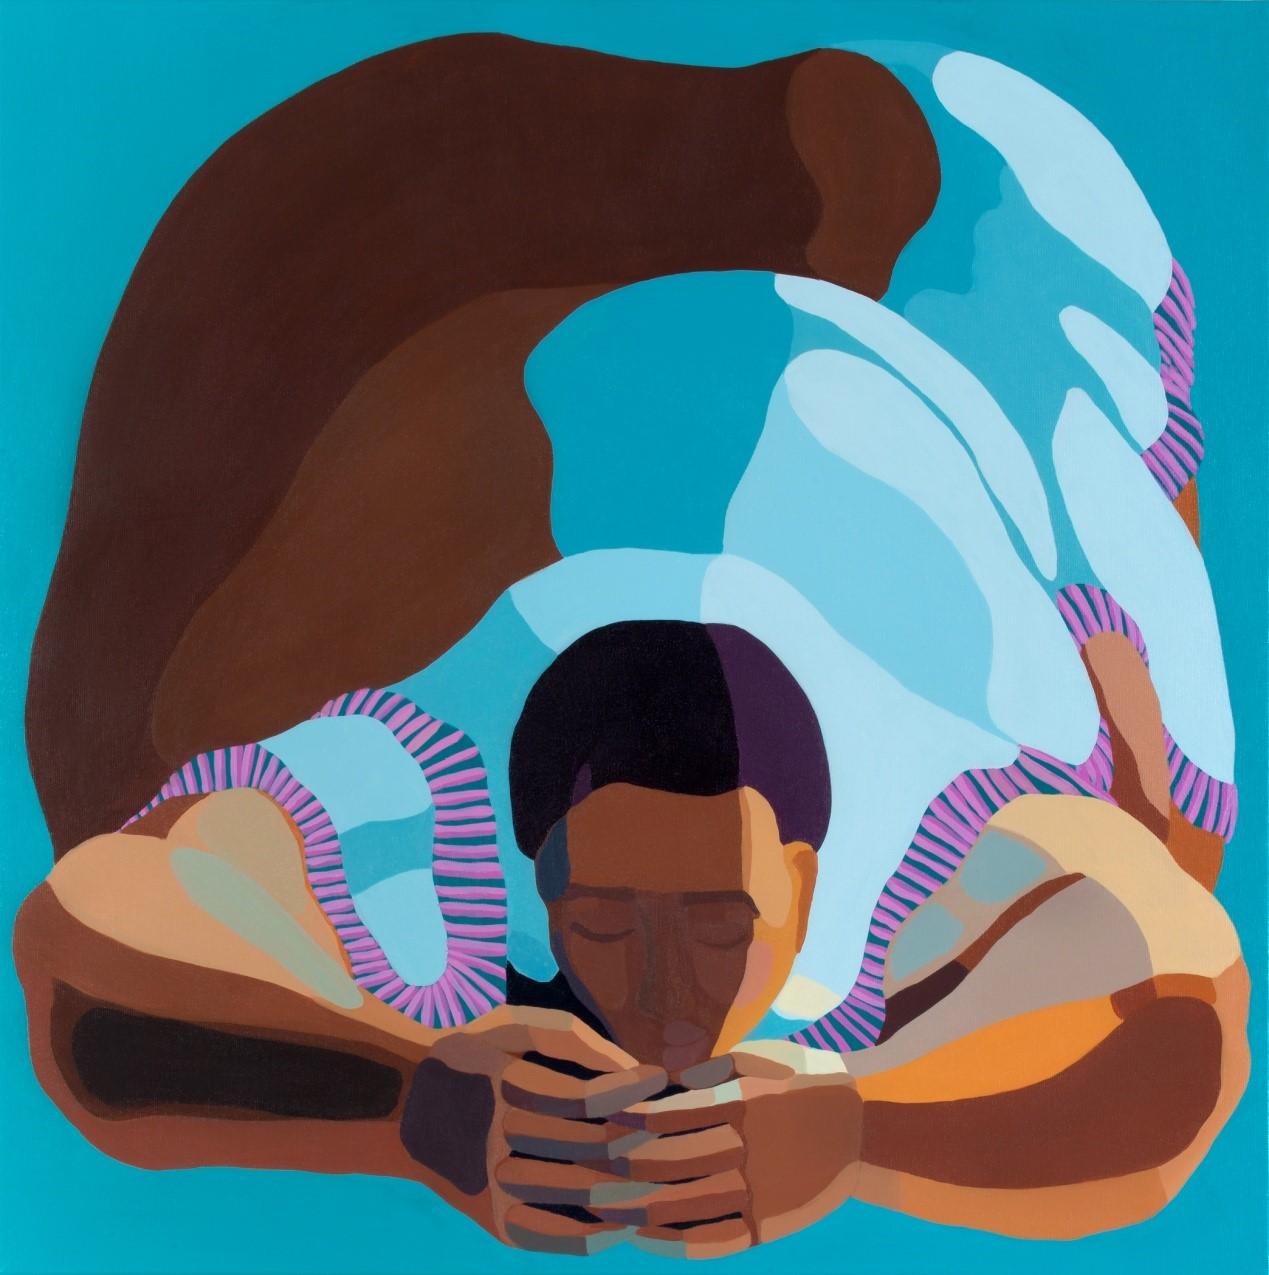 Nirit Takele, Untitled, 80x80 cm, acrylic on canvas, 2018